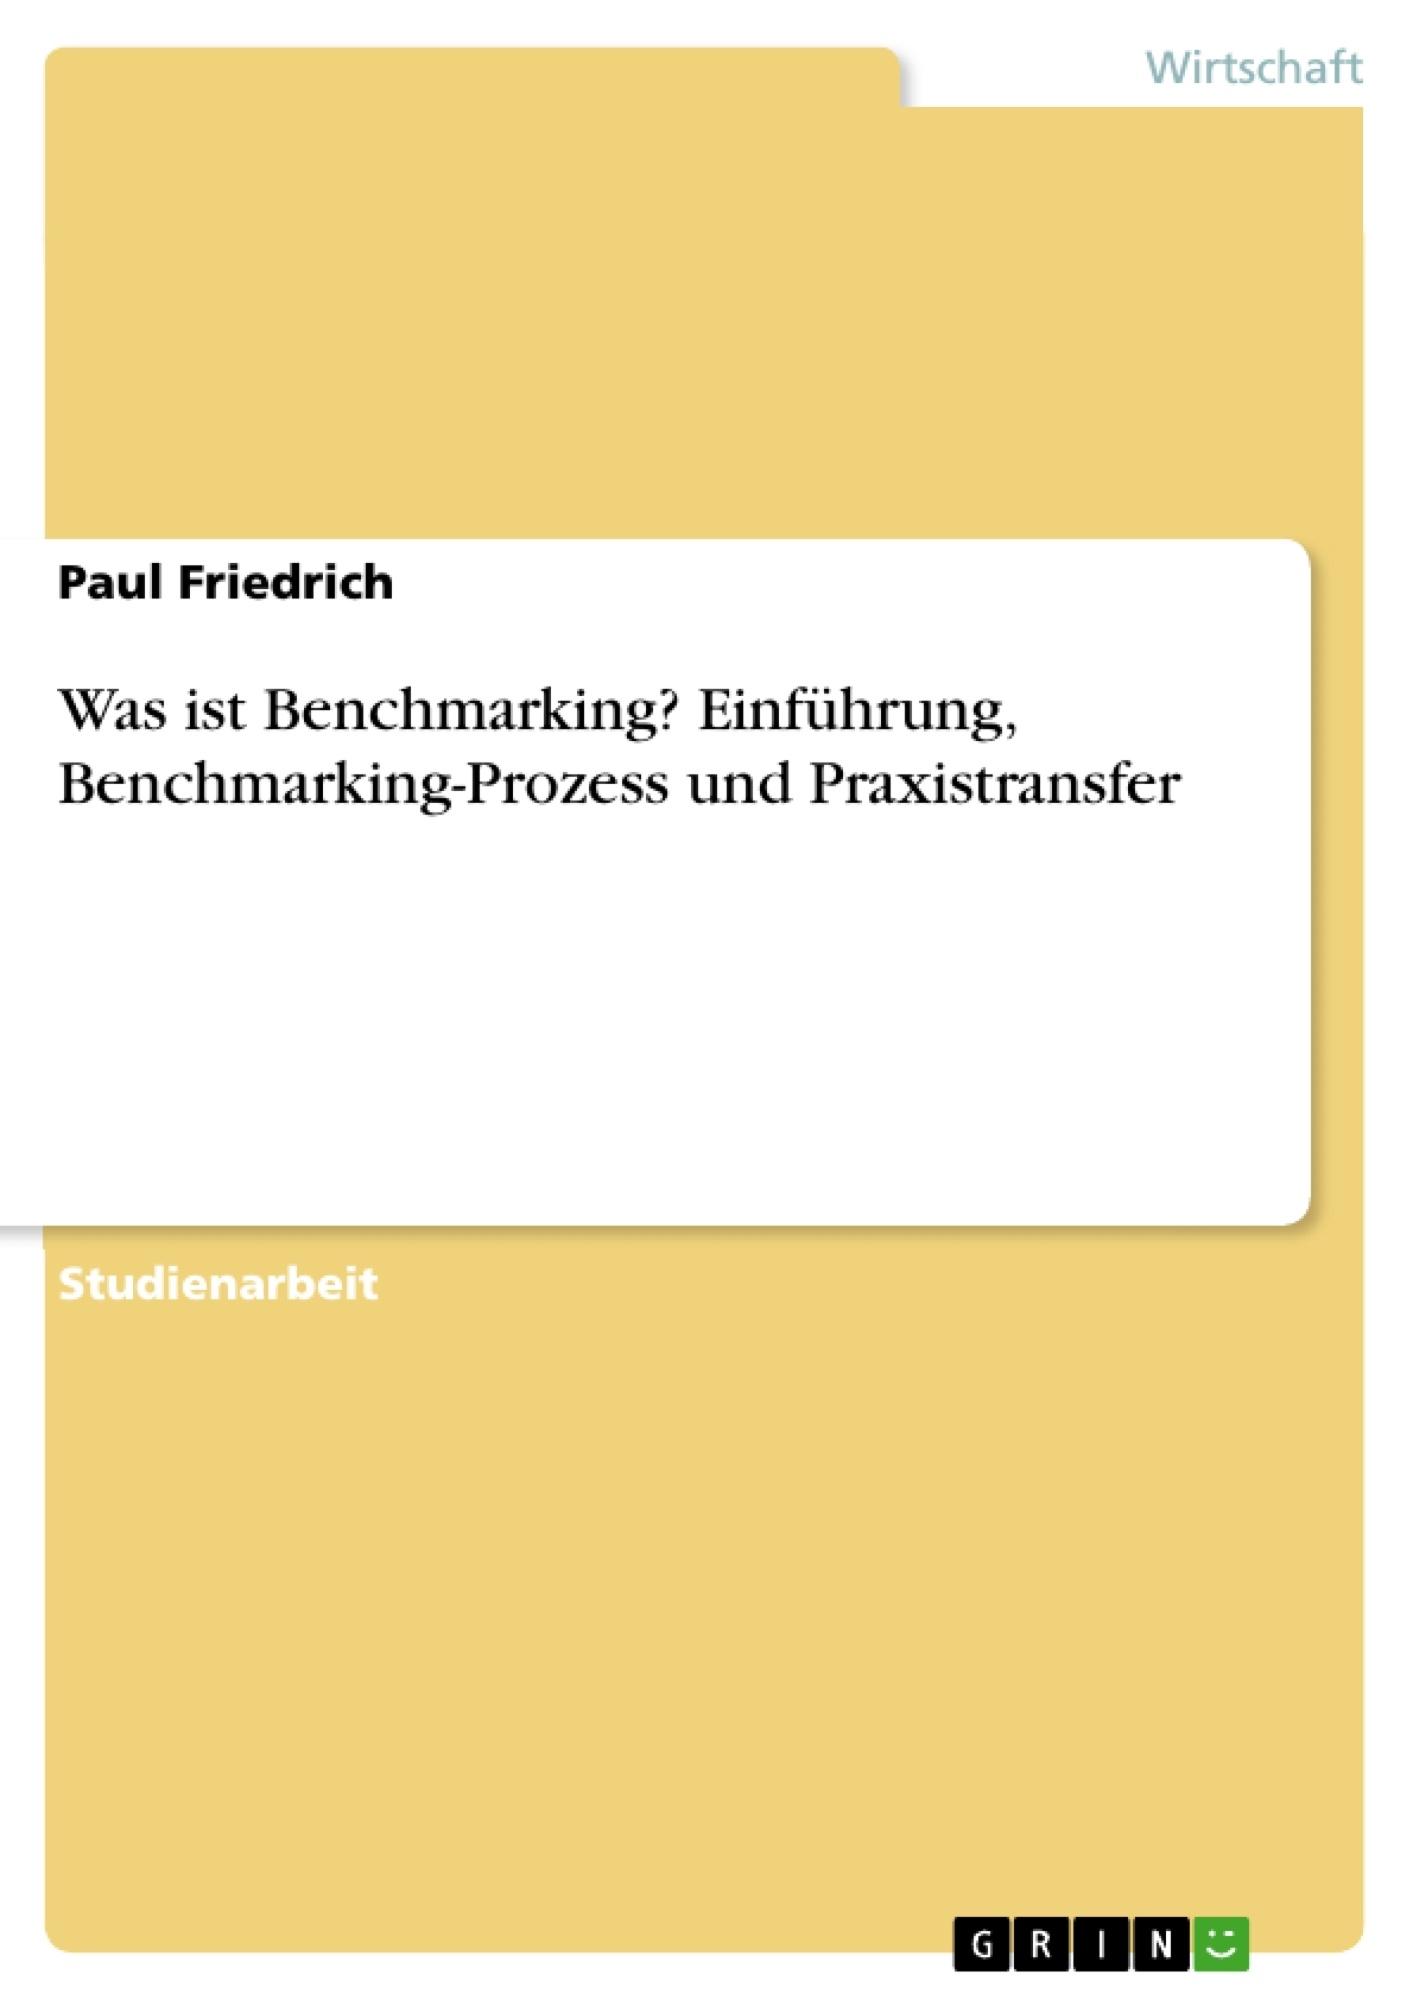 Titel: Was ist Benchmarking? Einführung, Benchmarking-Prozess und Praxistransfer